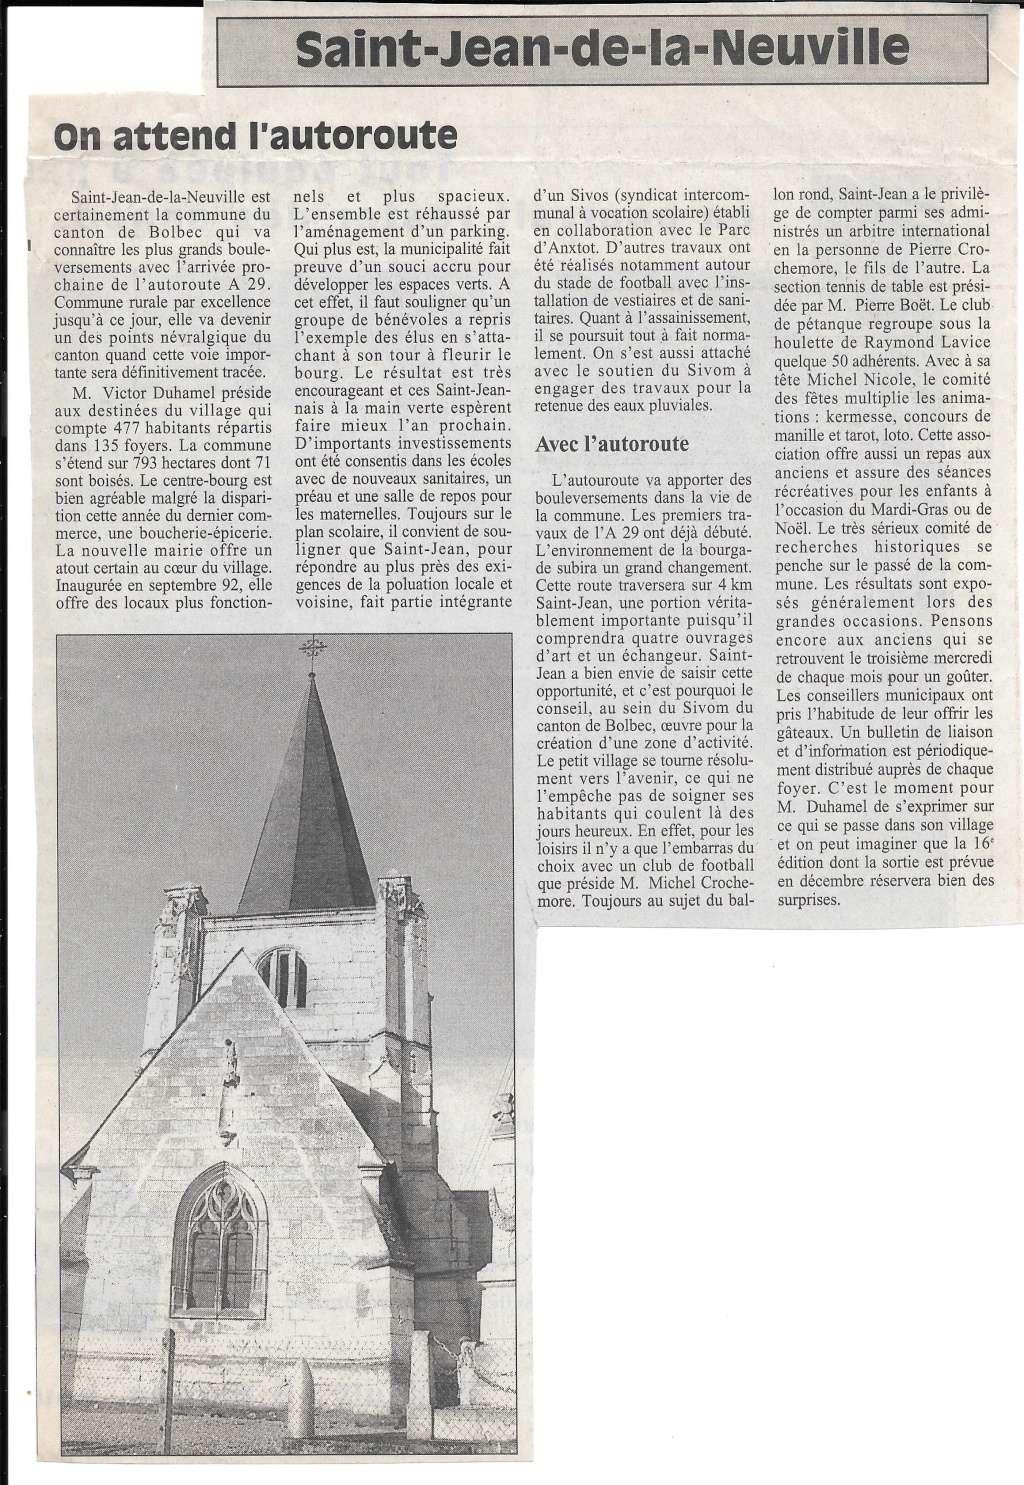 Histoire des communes - Saint-Jean-de-la-Neuville 122